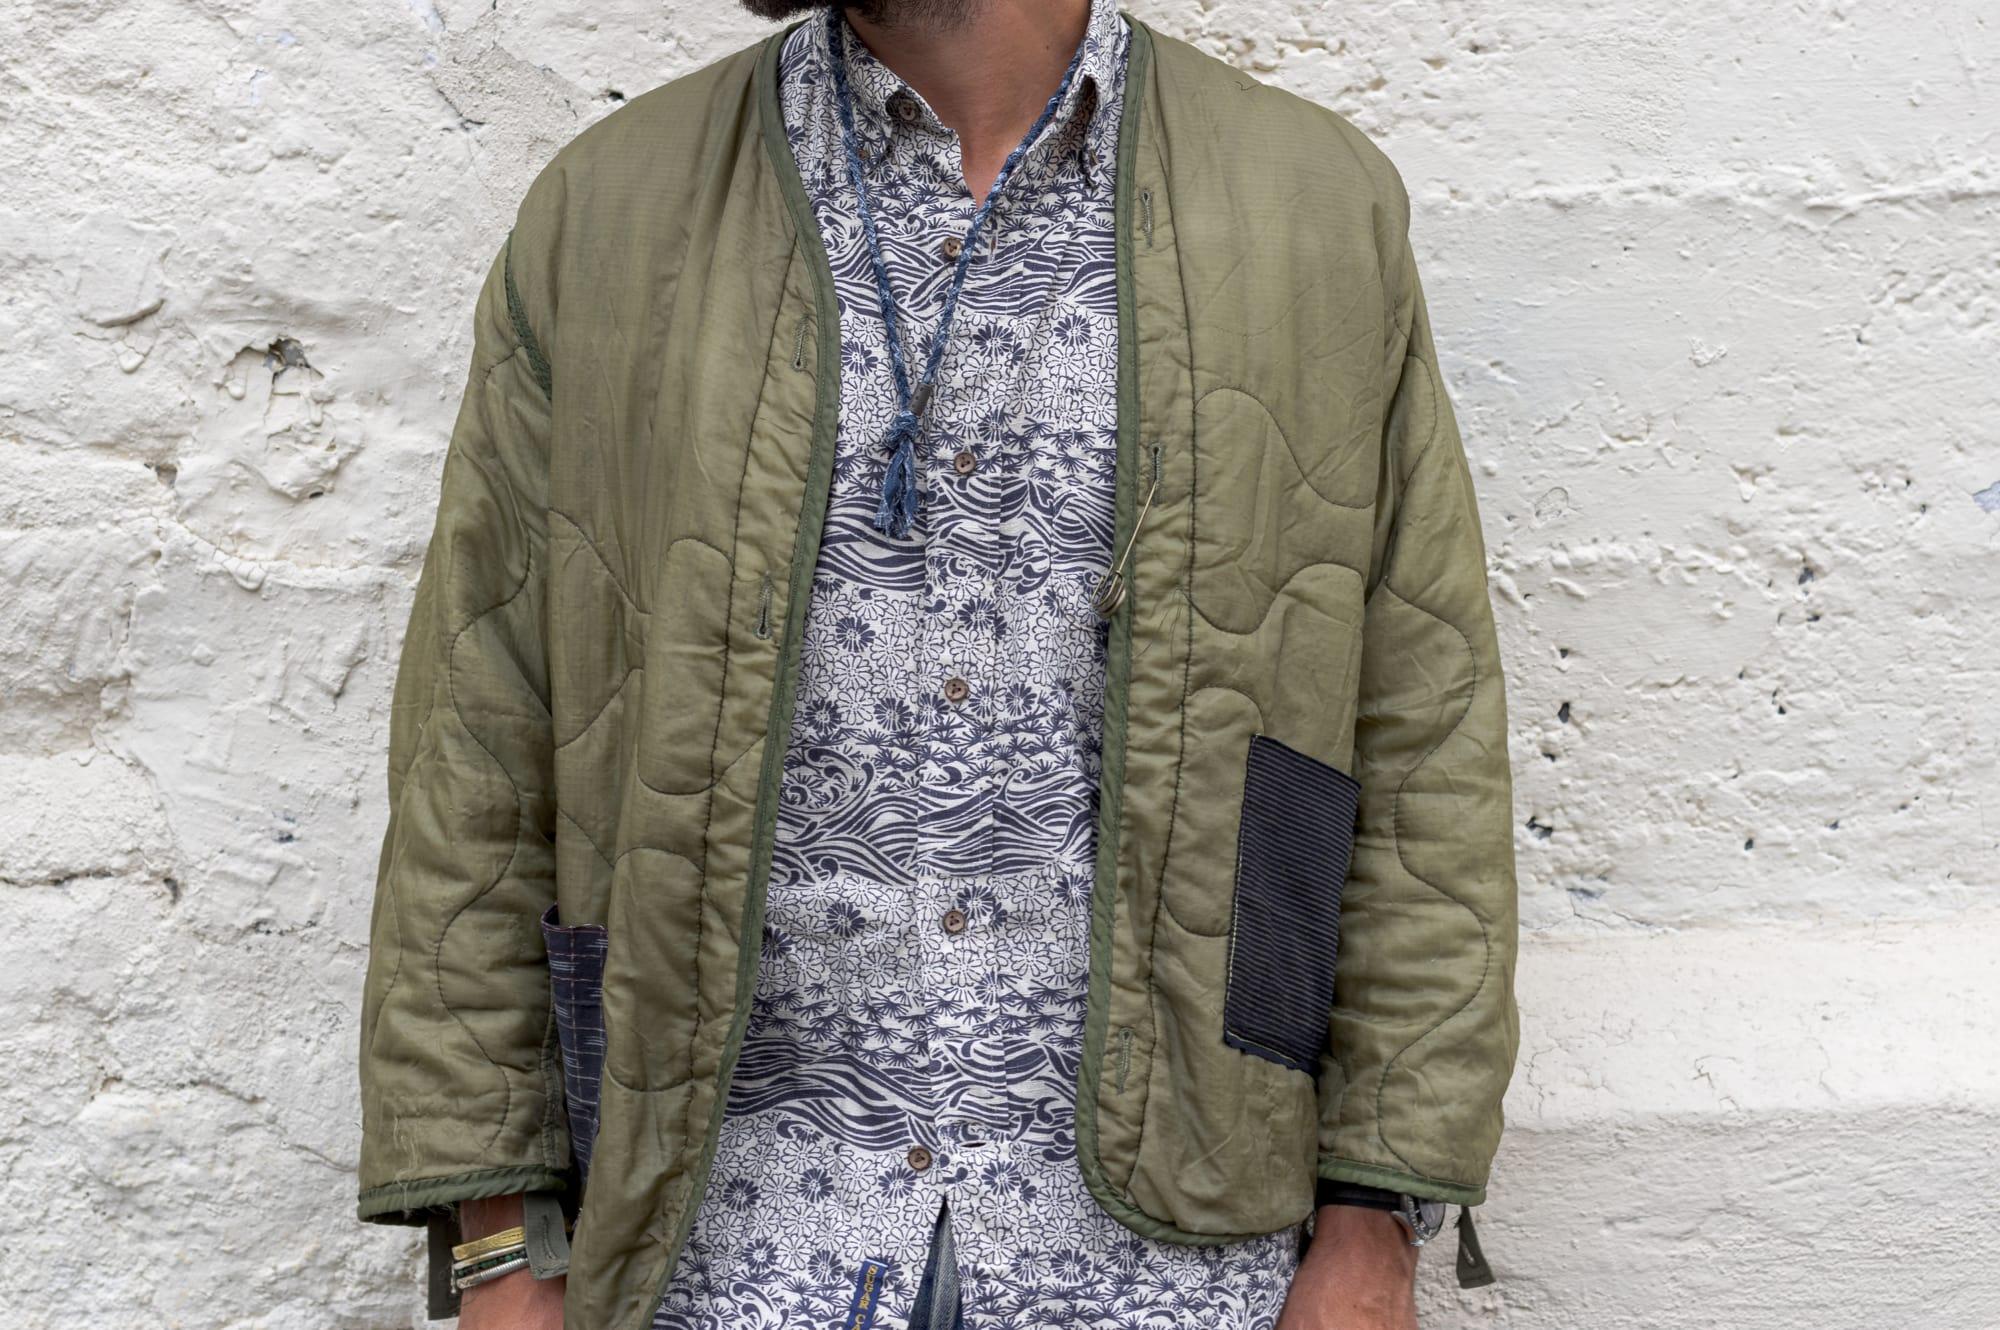 tenue style street heritage workwear d'inspiration militaire avec un liner de M65 customisé par Gaijin, une chemise à manche courte sugar cane, un jean apc et des mocassin gh bass x universal works et un collier tressé pour homme Borali